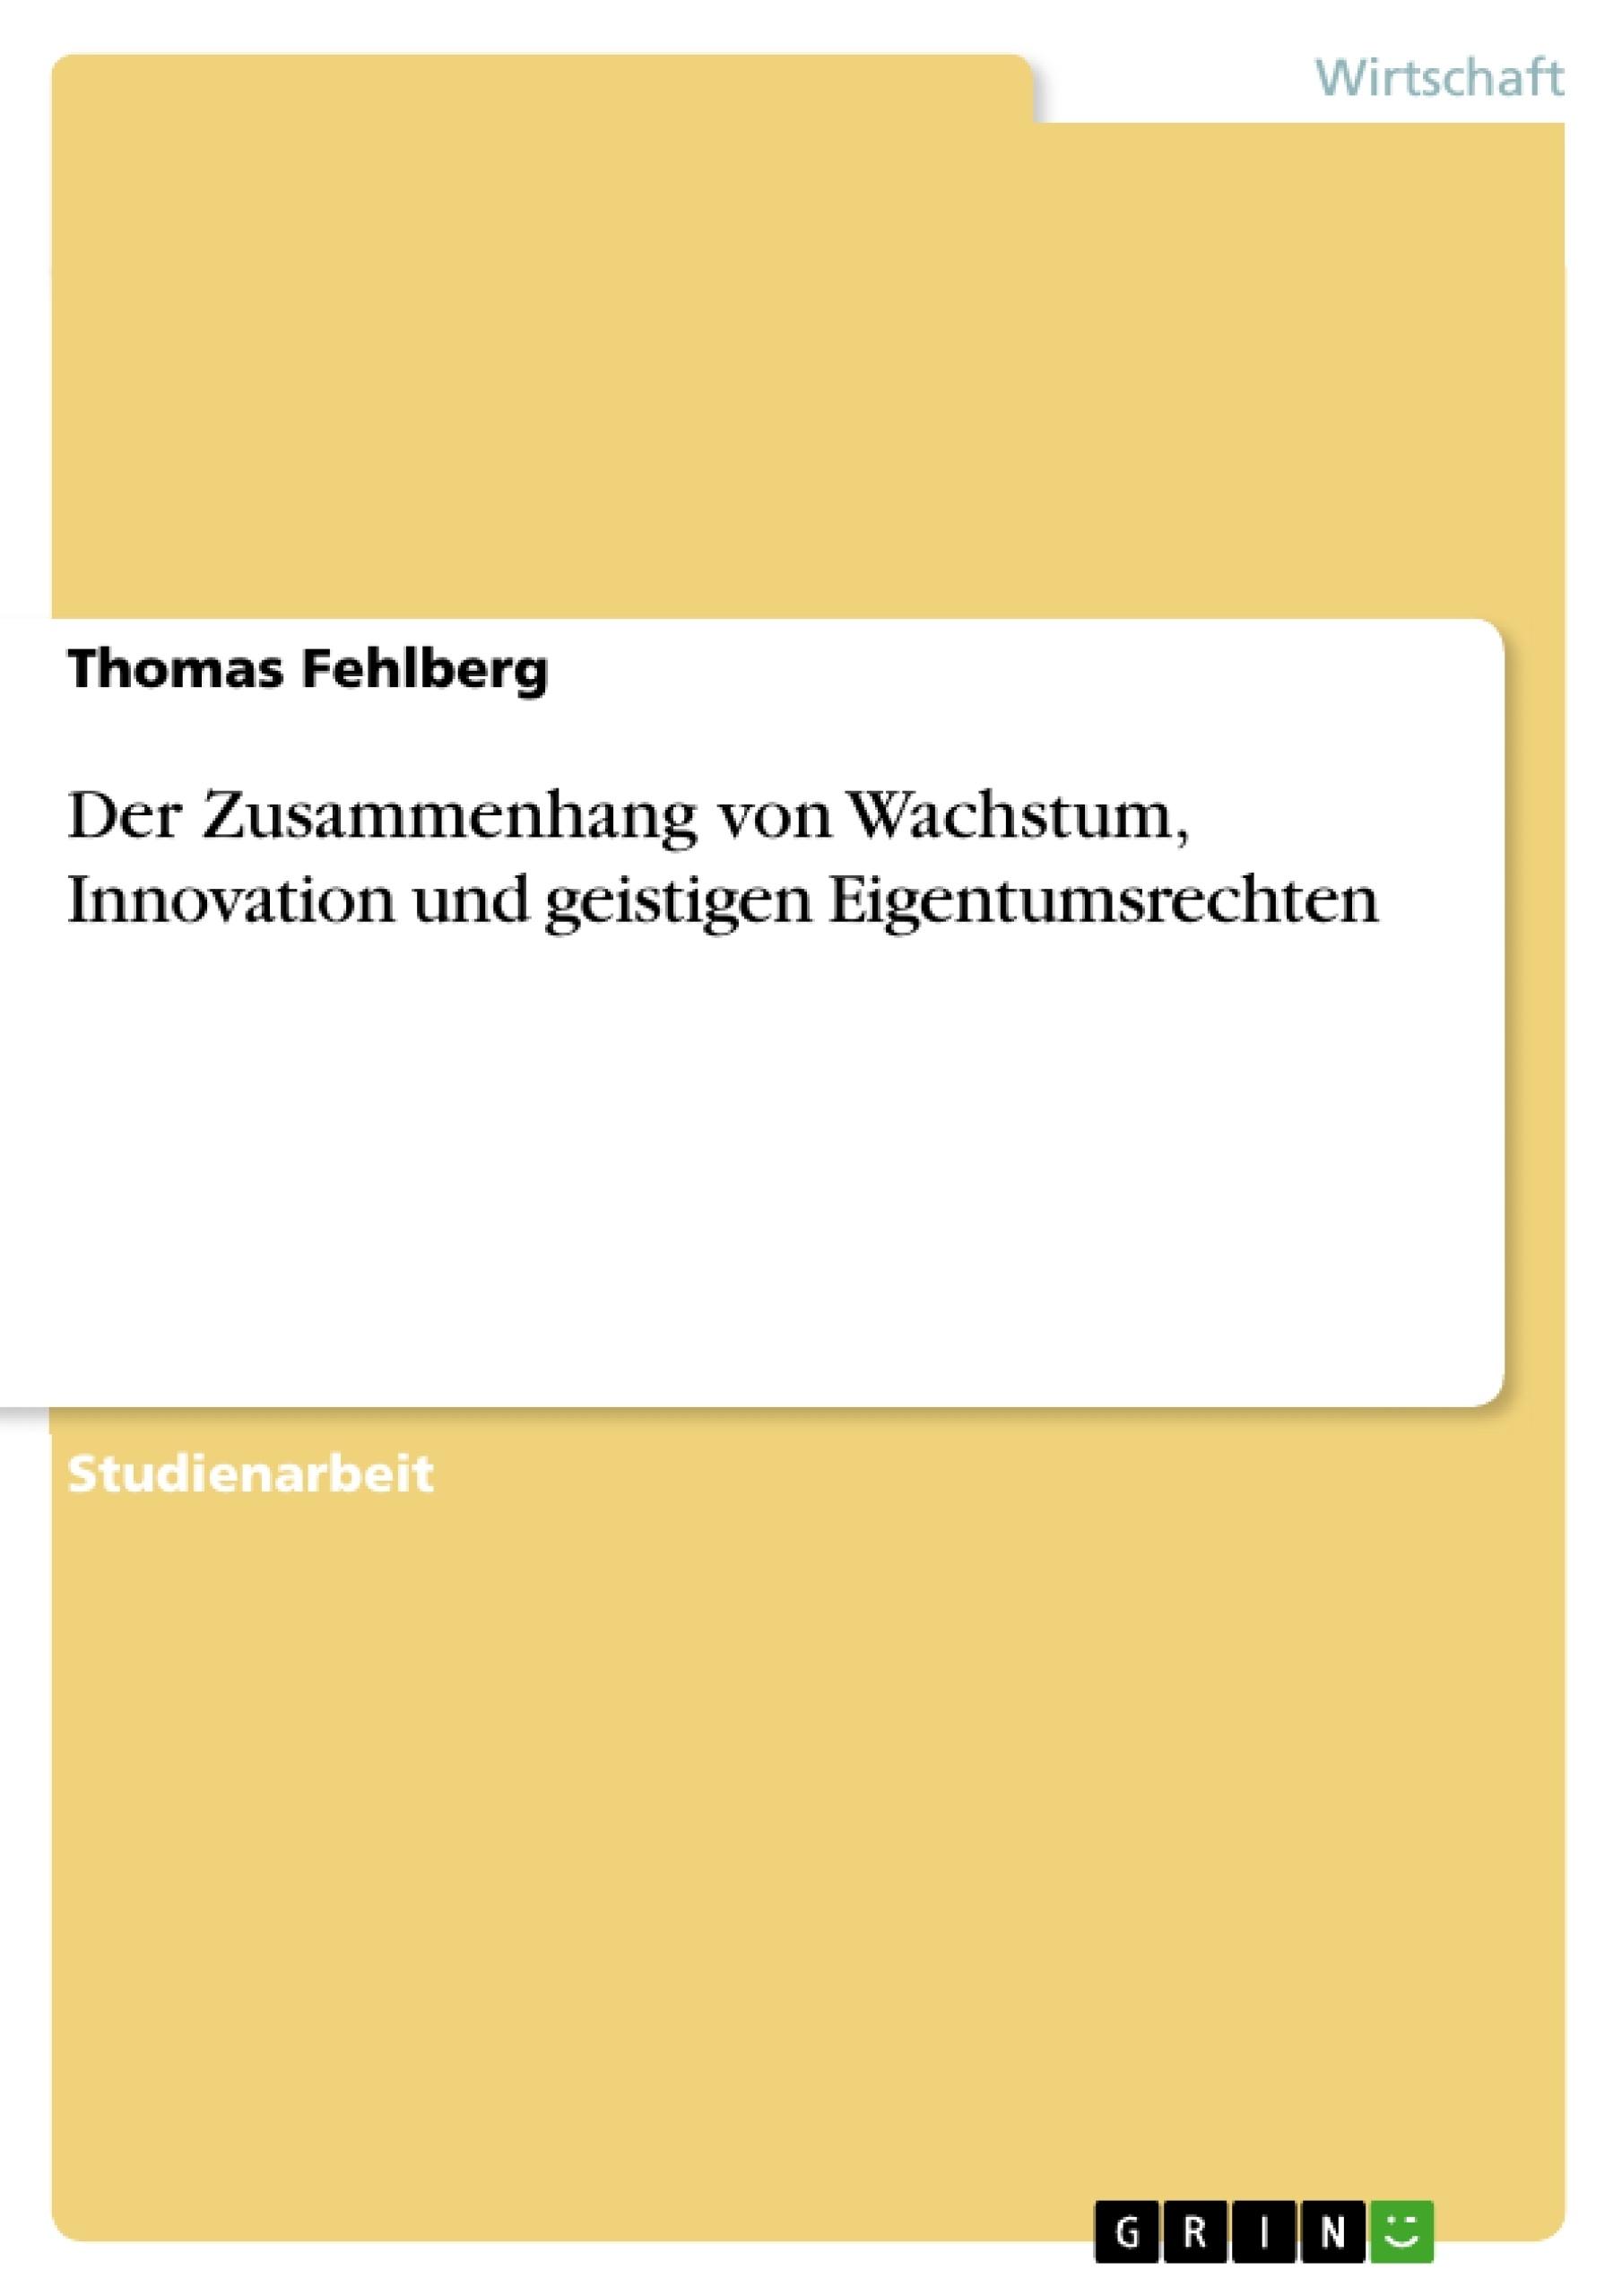 Titel: Der Zusammenhang von Wachstum, Innovation und geistigen Eigentumsrechten